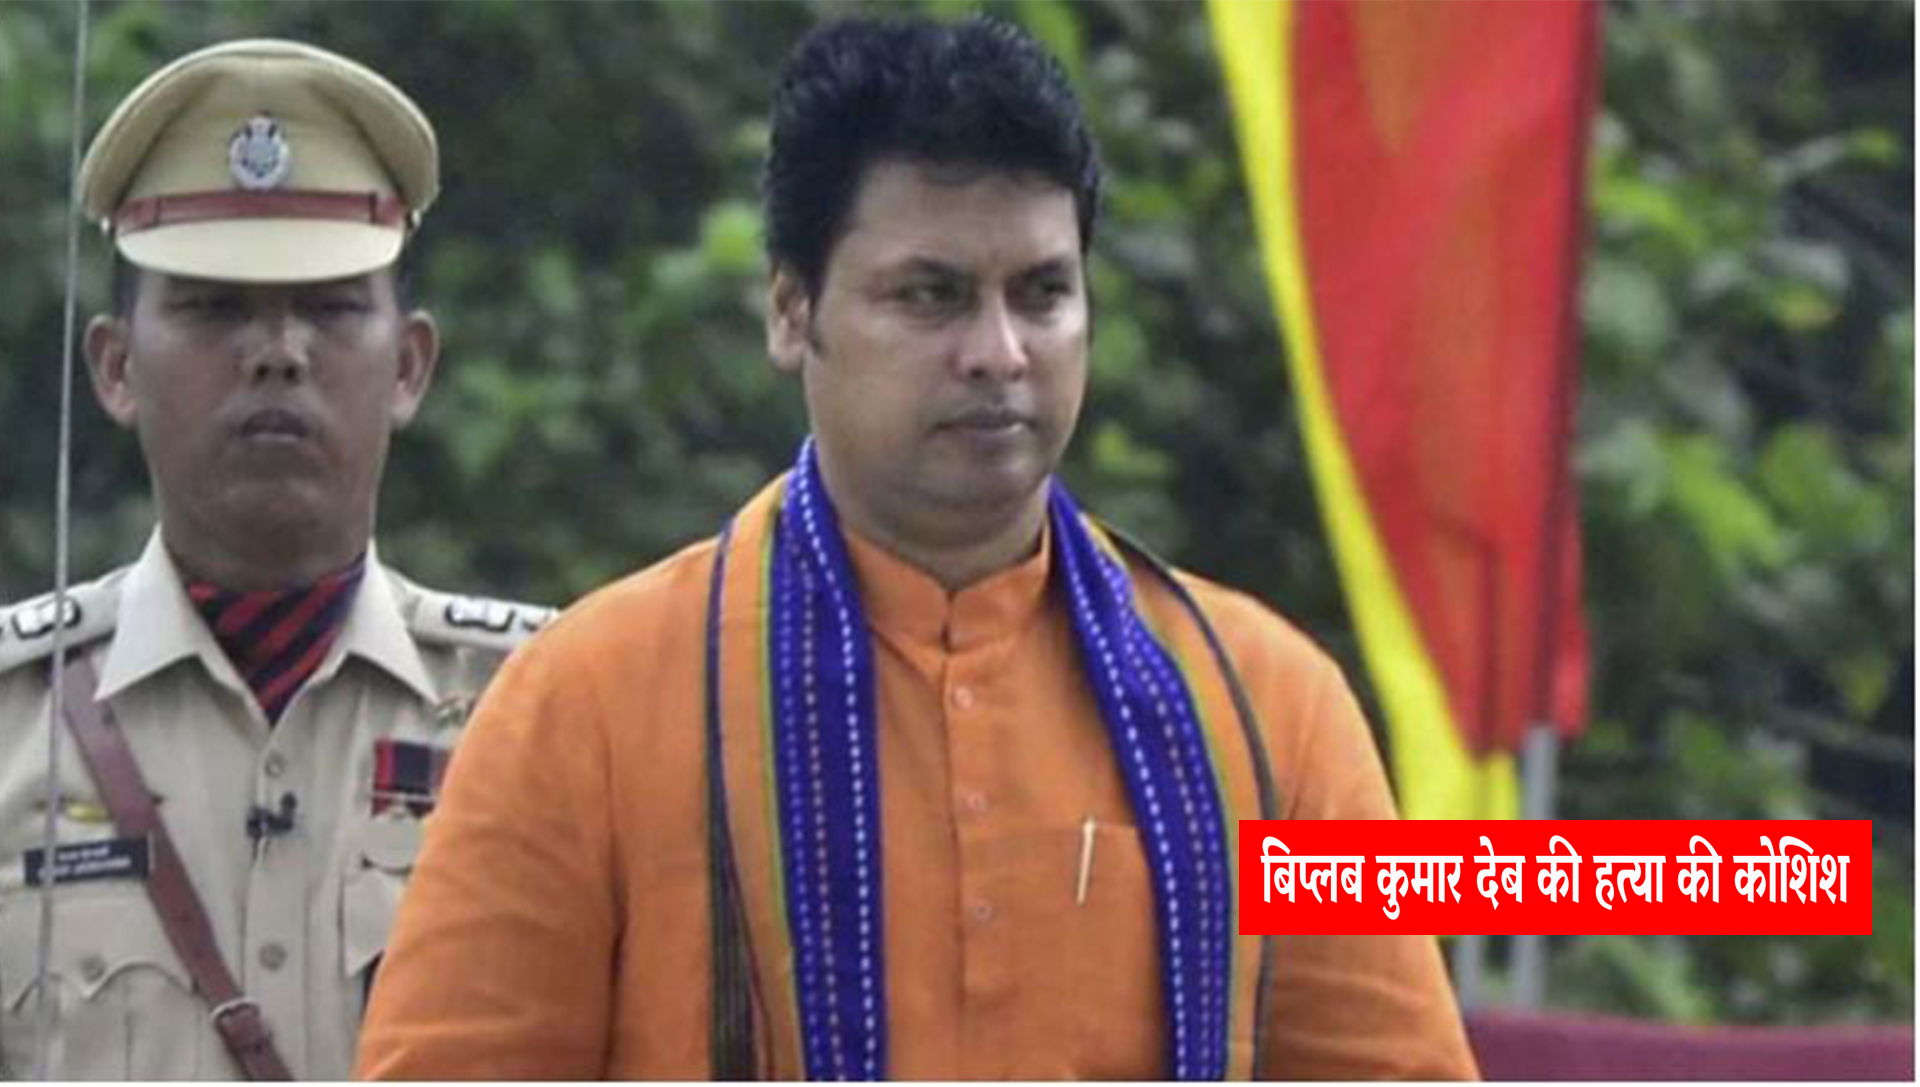 अगरतला के मुख्यमंत्री बिप्लब कुमार देब की हत्या की कोशिश, तीन गिरफ्तार